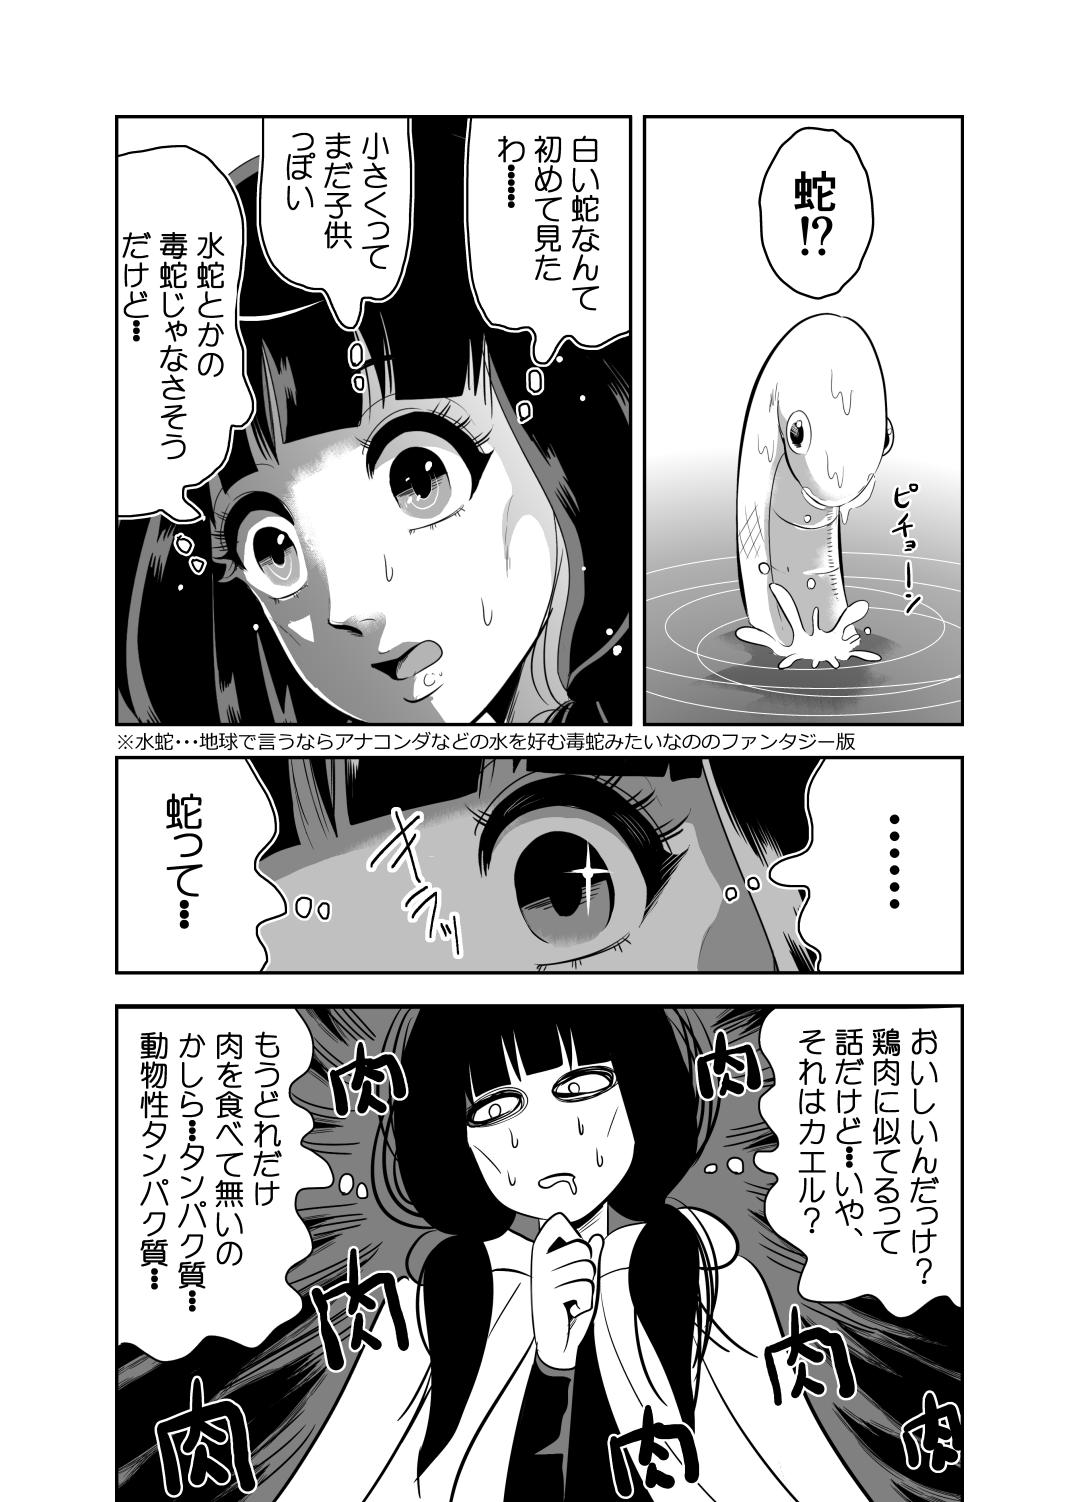 ヤサグレ魔女3ヤサグレ魔女と蛇少年と宝石男0038